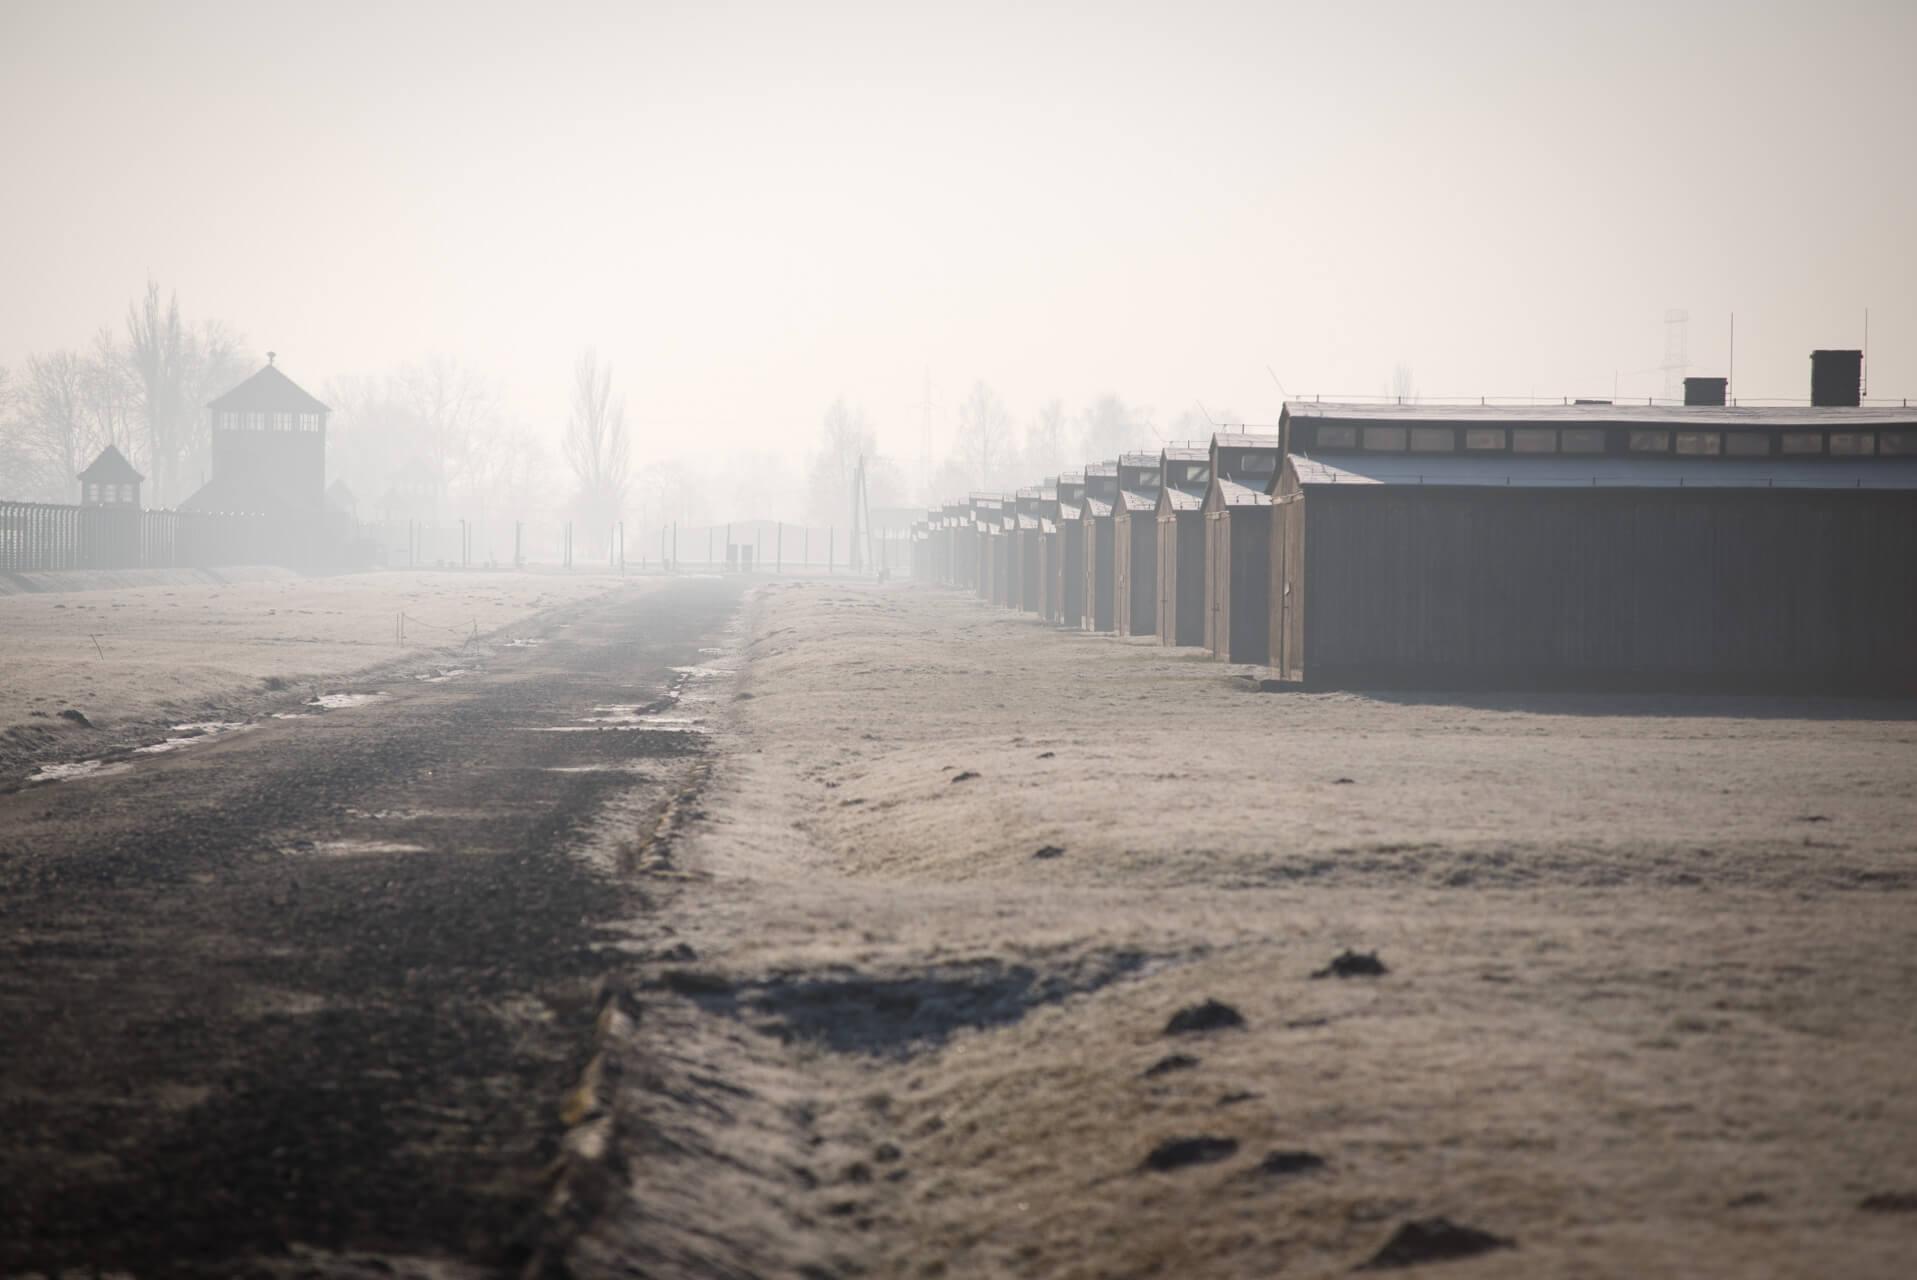 Konzentrations- und Vernichtungslager Auschwitz-Birkenau